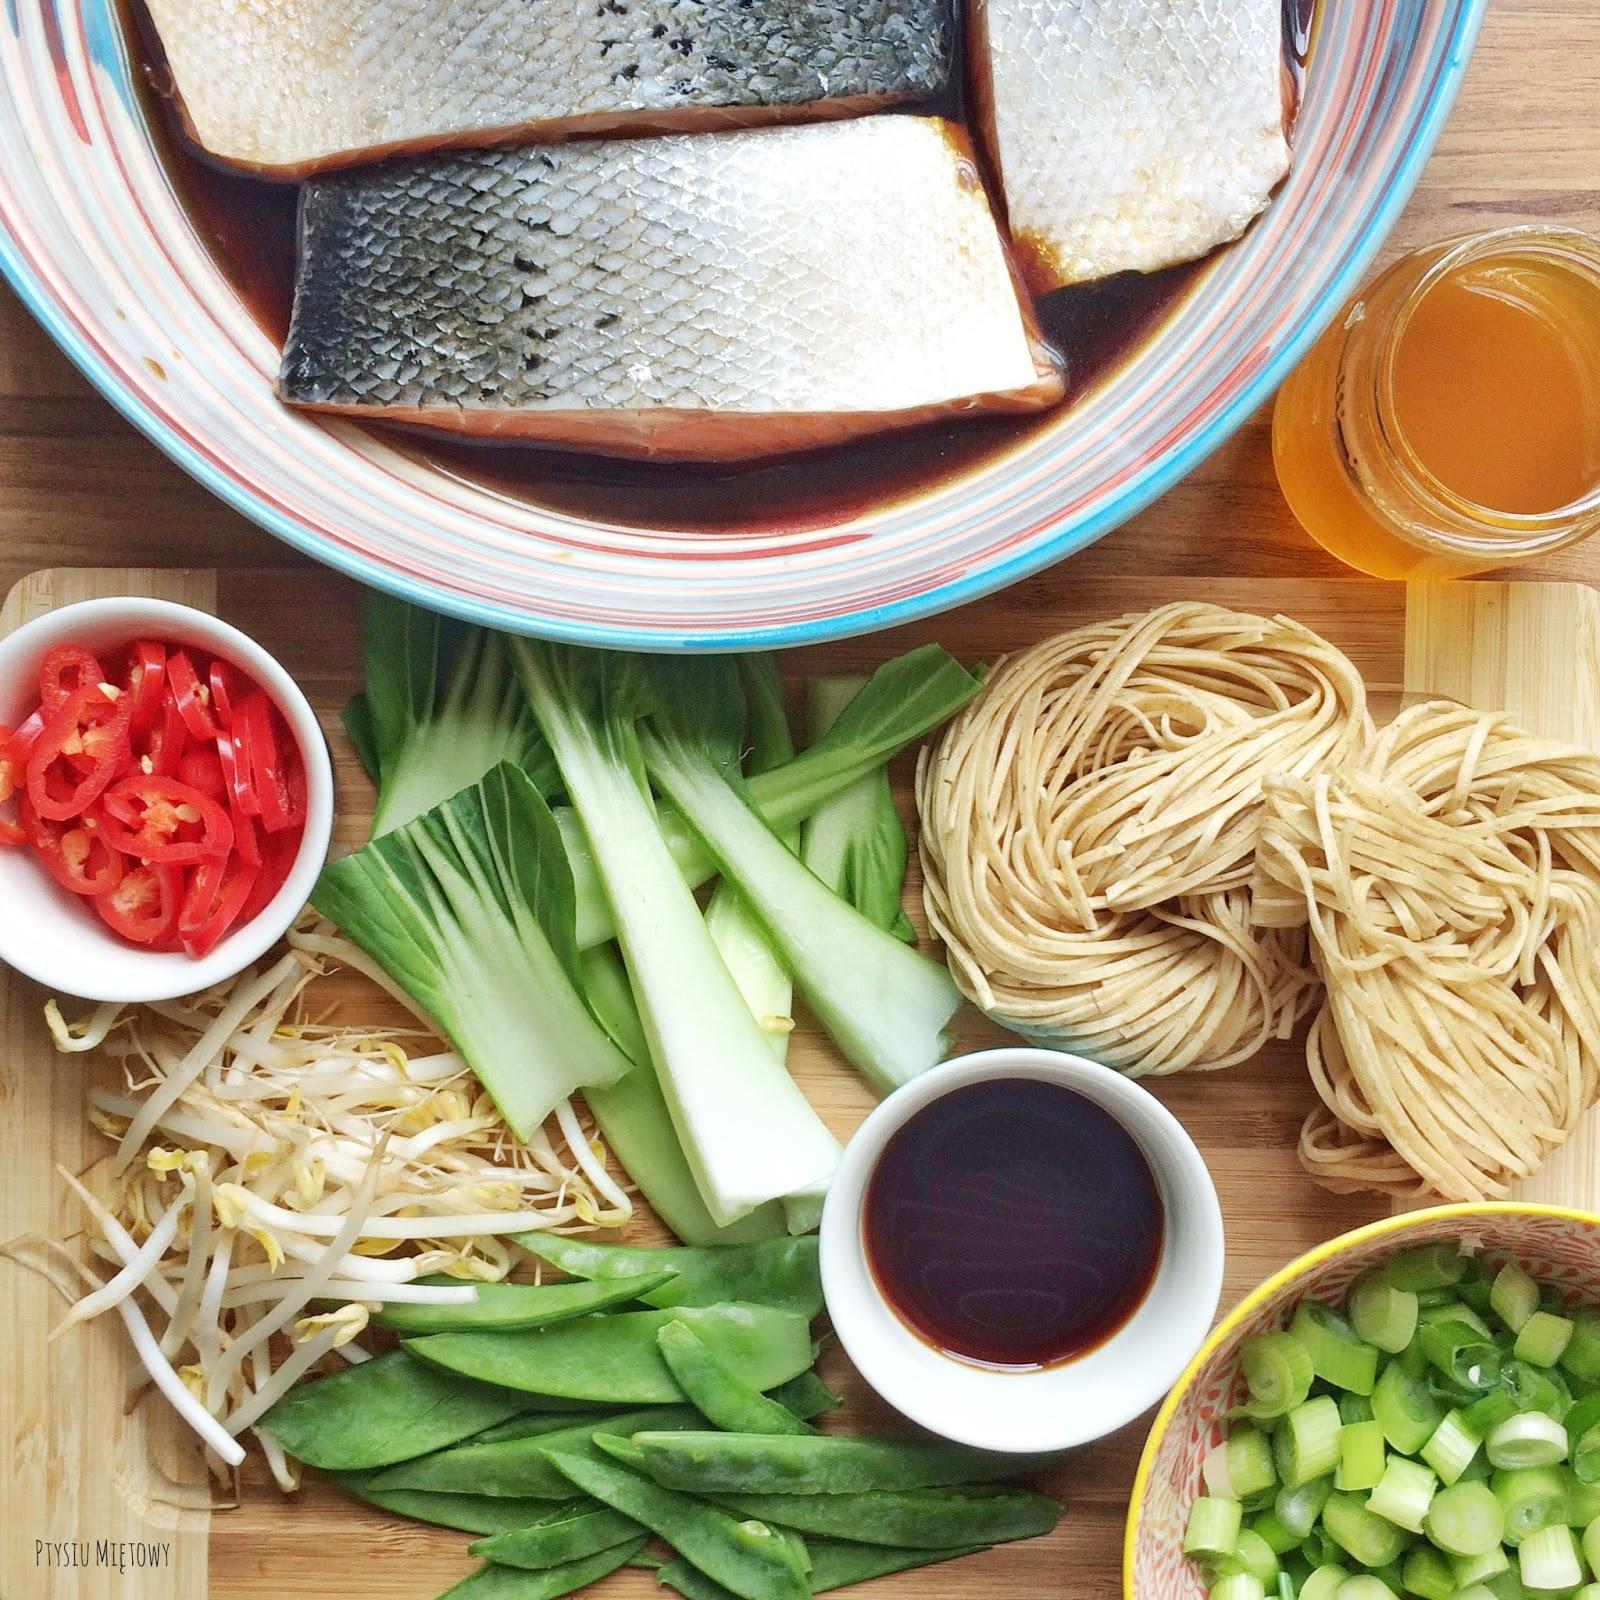 Makaron soba noodles, chrupiące warzywa, ptysiu miętowy, teriyaki, japońskie jedzenie